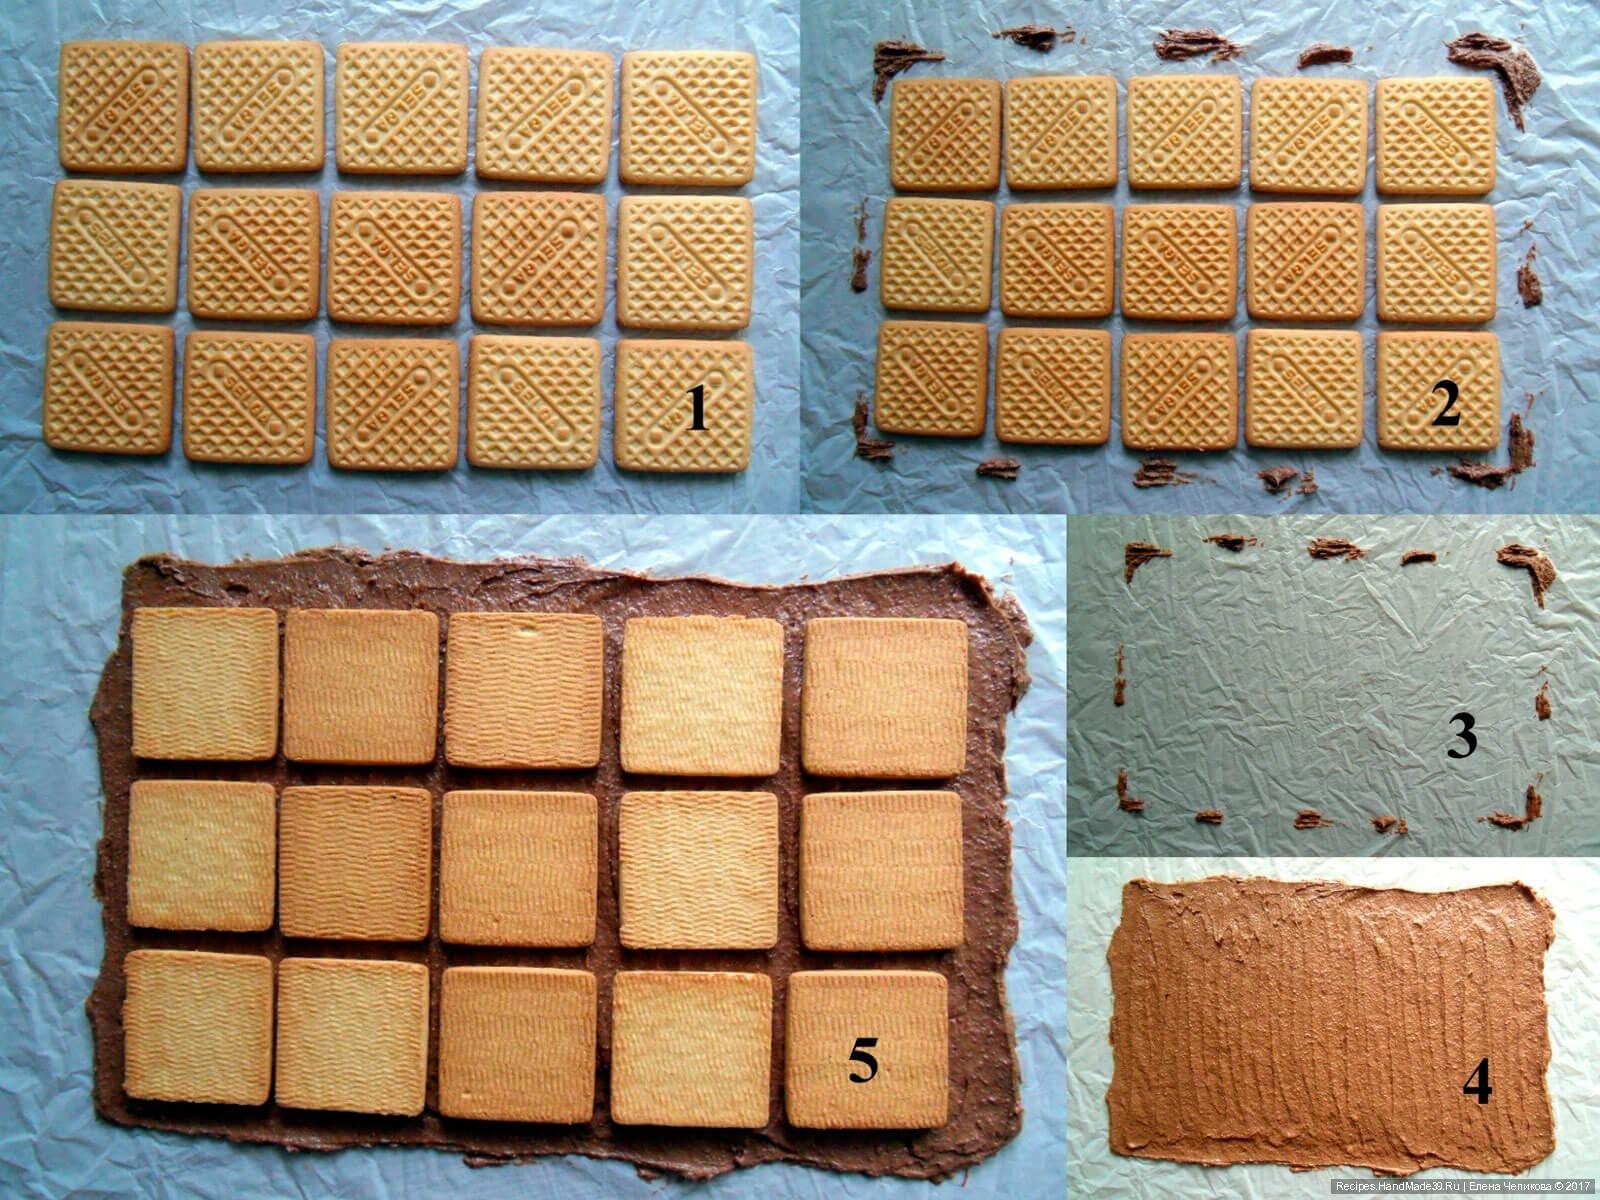 Печенья можно брать шоколадные, тогда в массу можно класть 3 ложки какао.